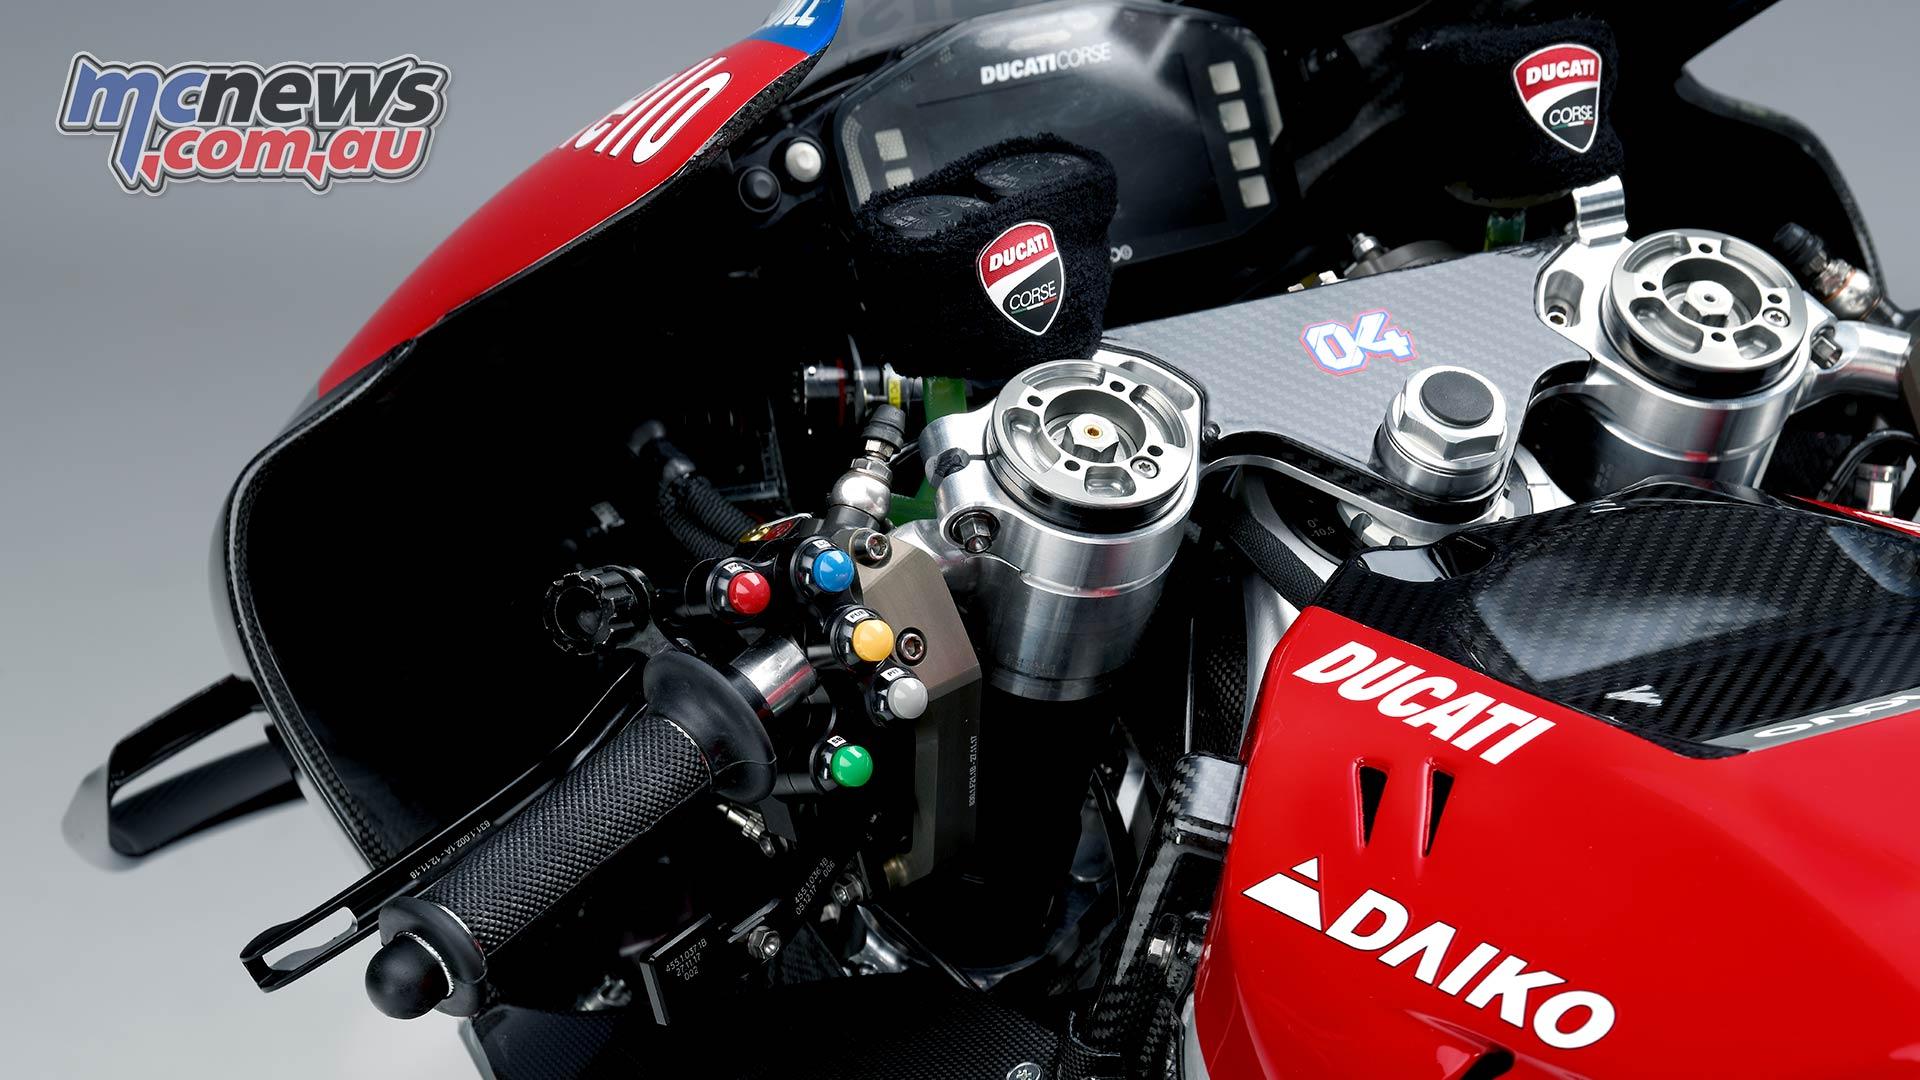 2019 Ducati Desmosedici GP19 Images in detail MCNewscomau 1920x1080